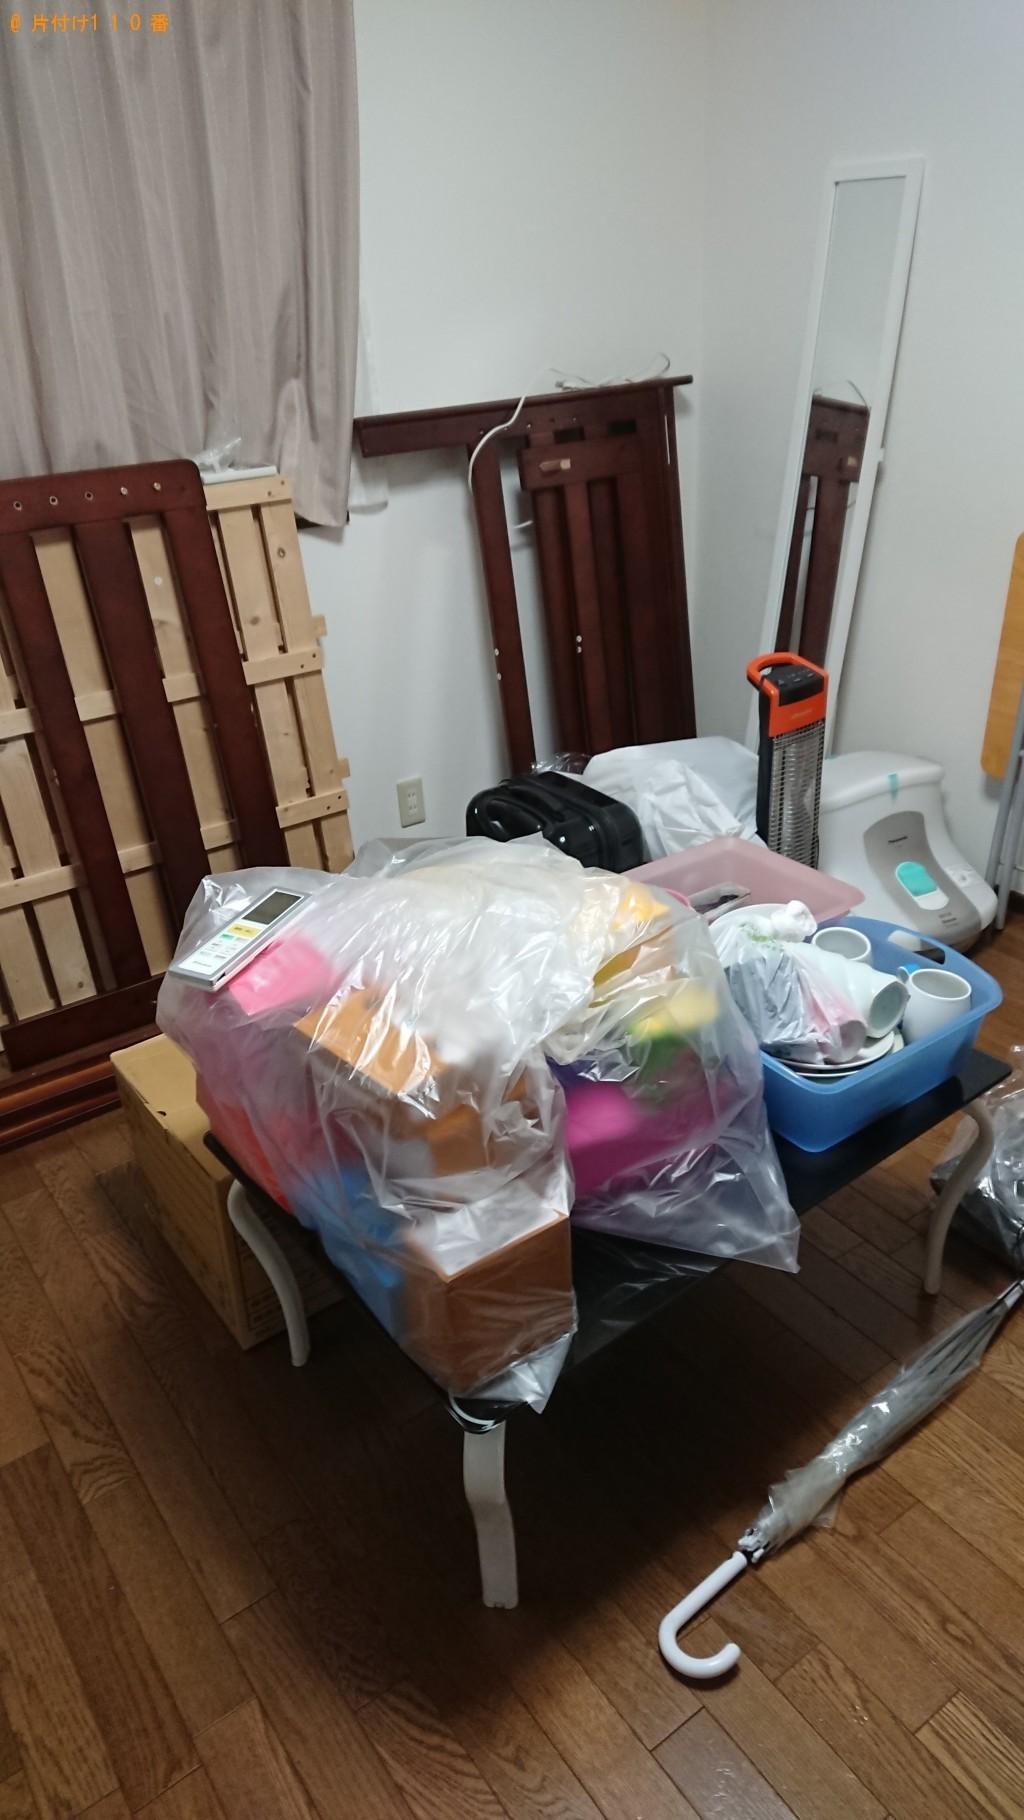 【堺市堺区】シングルベッドフレーム、ソファー、冷蔵庫等の回収・処分 お客様の声